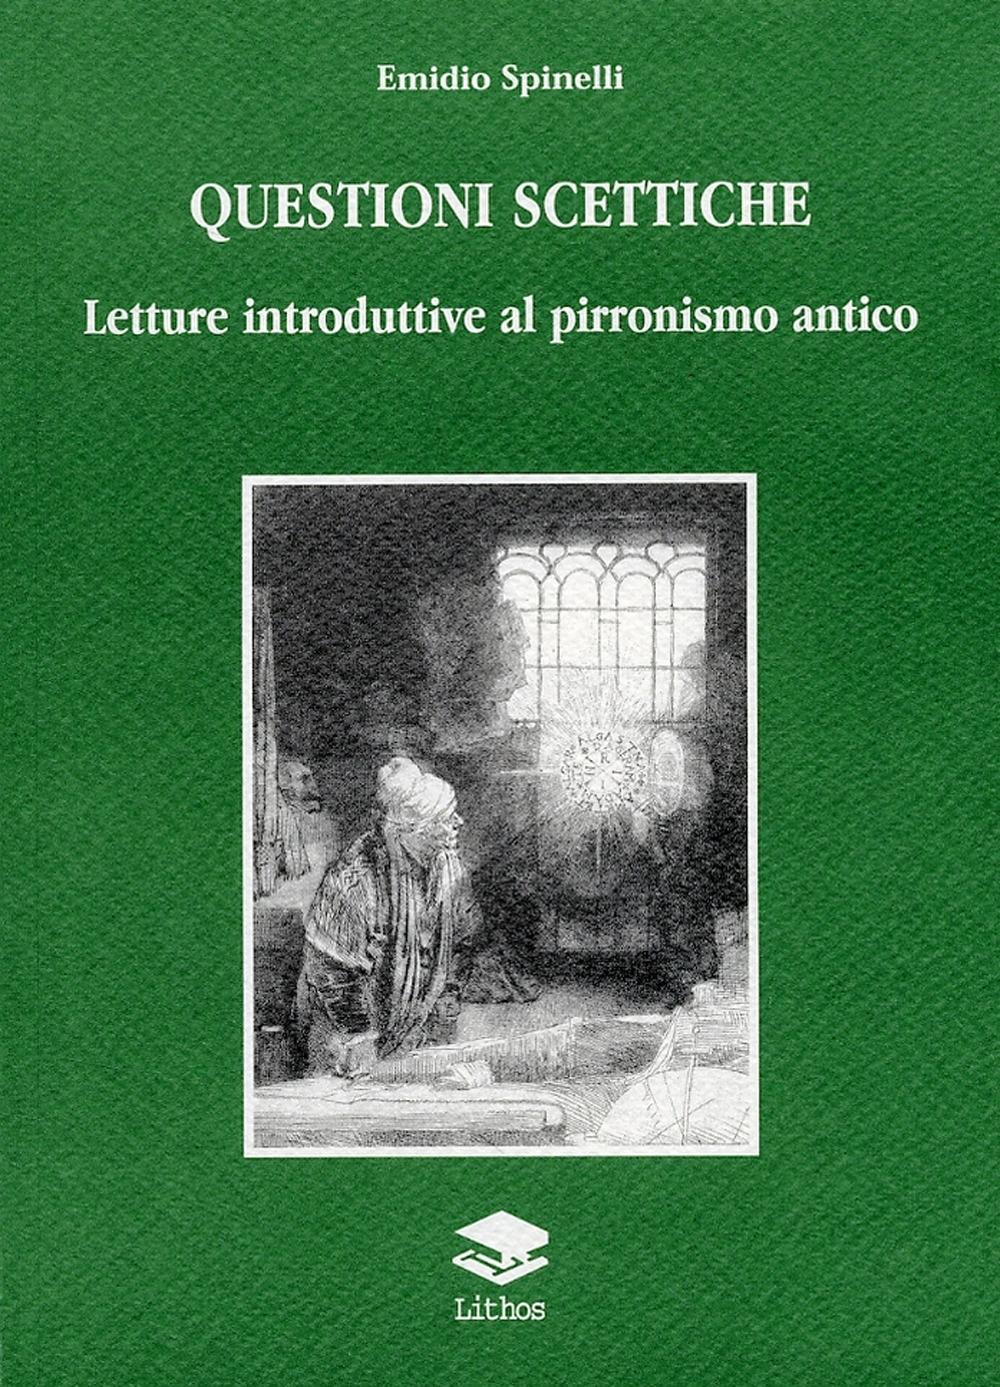 Questioni scettiche. Letture introduttive al pirronismo antico